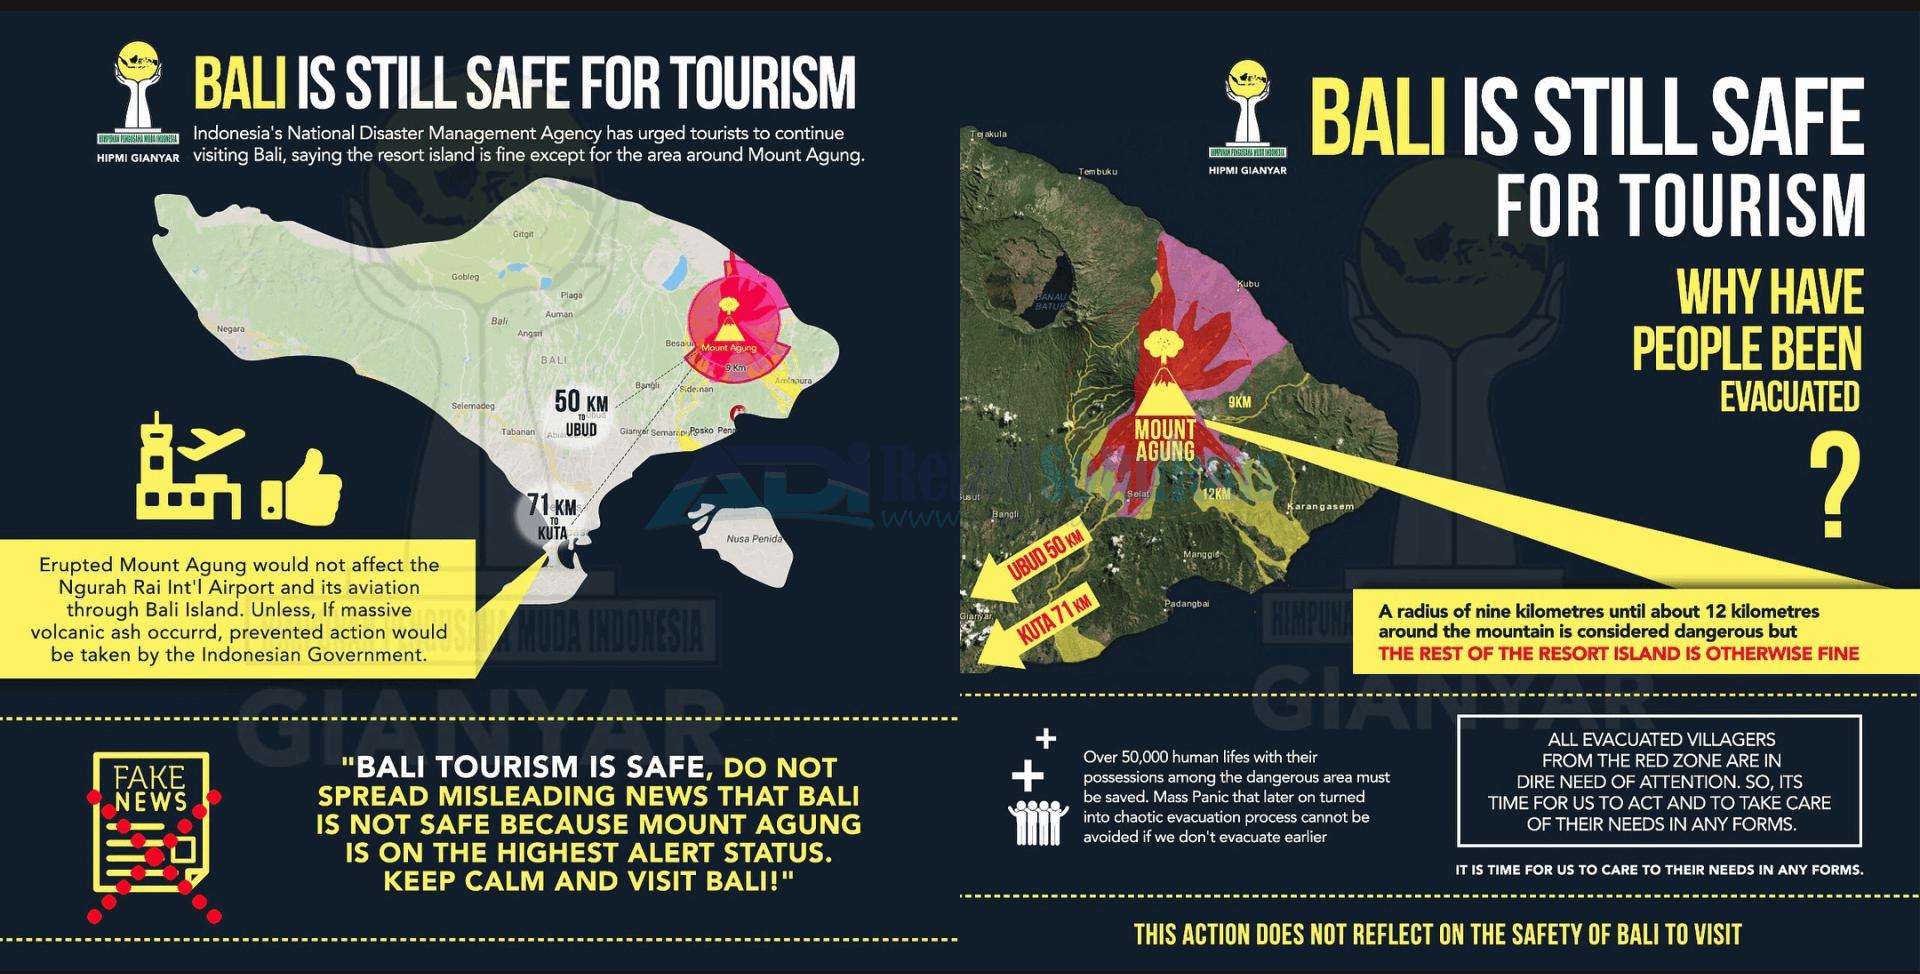 Wisata Bali Yang Aman Dari Letusan Gunung Agung